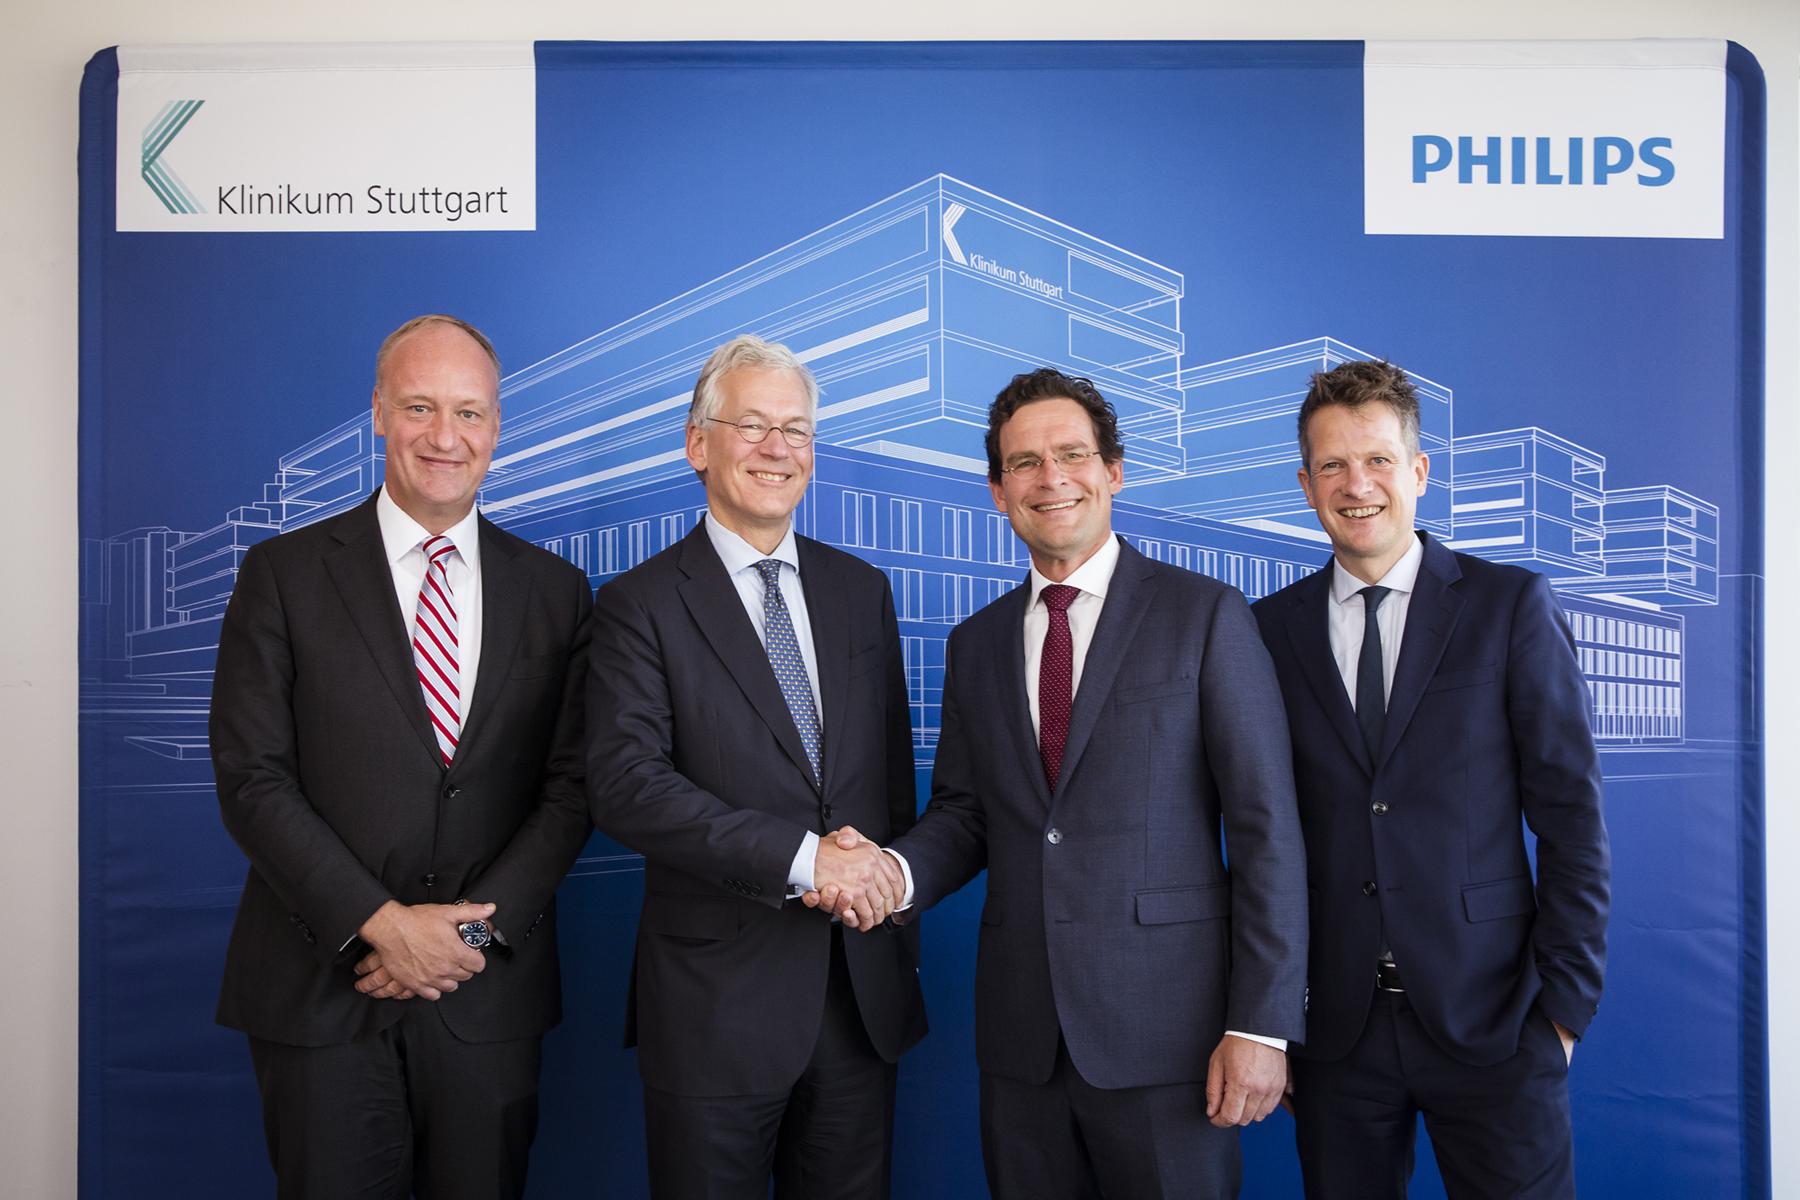 Klinikum Stuttgart und Philips schließen wegweisende Innovationspartnerschaft